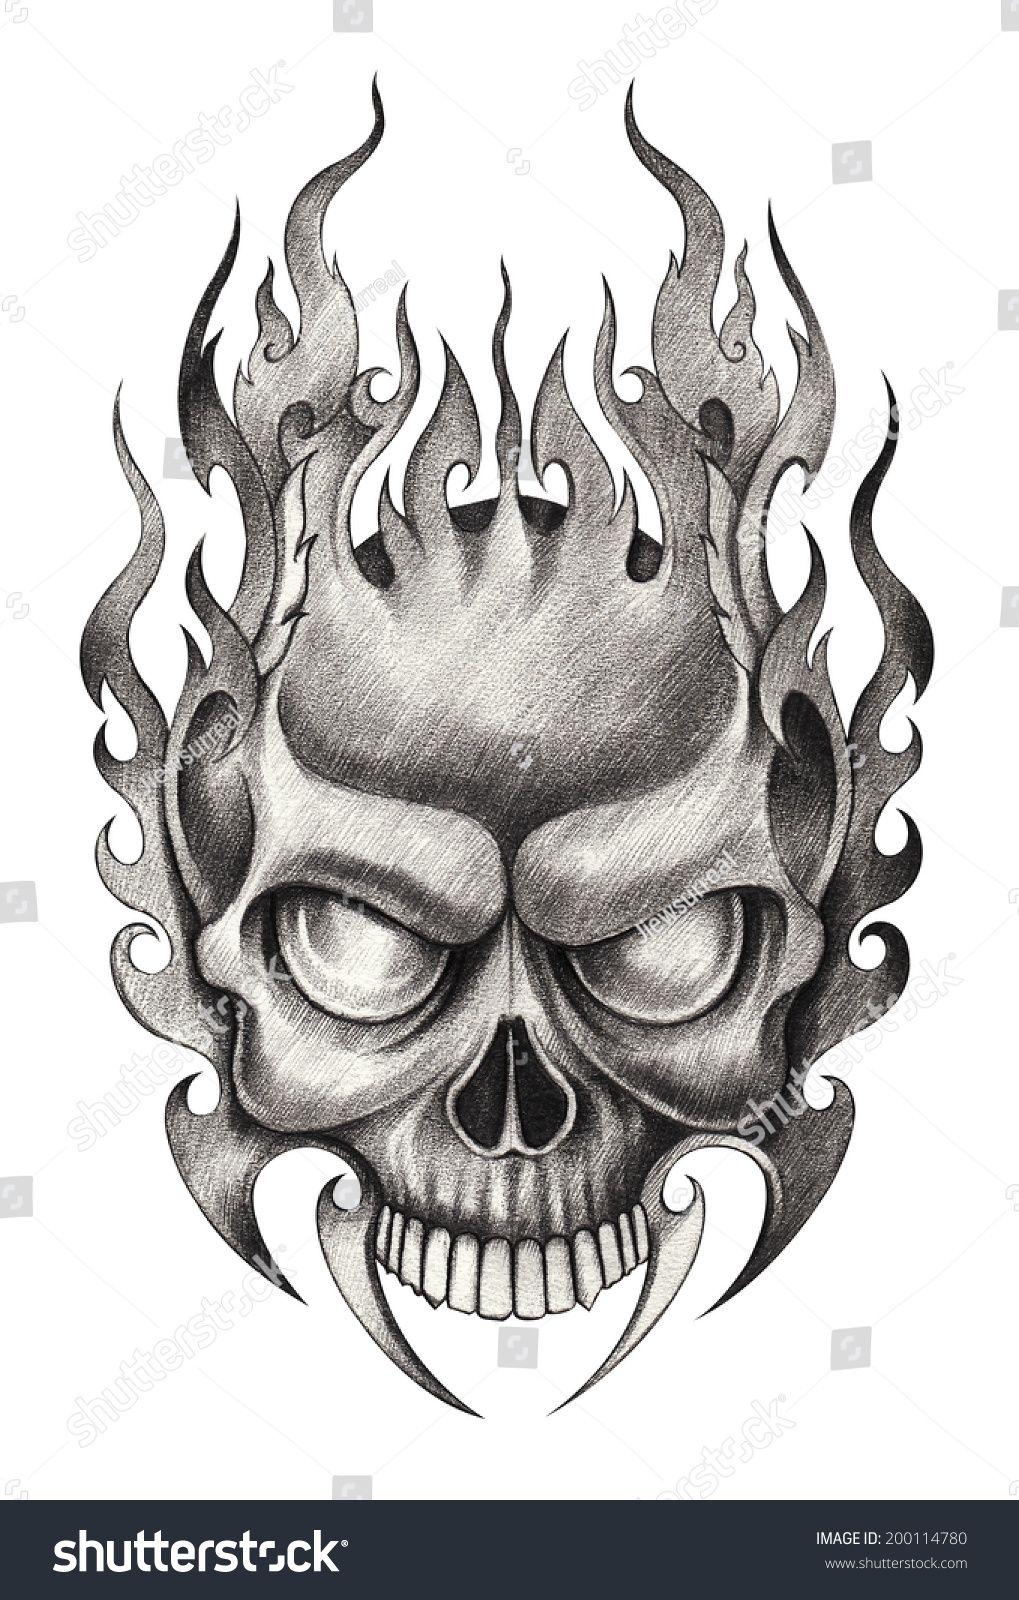 Pin By Alan Harry On Skulls And Bones Skulls Drawing Skull Art Drawing Skull Sketch